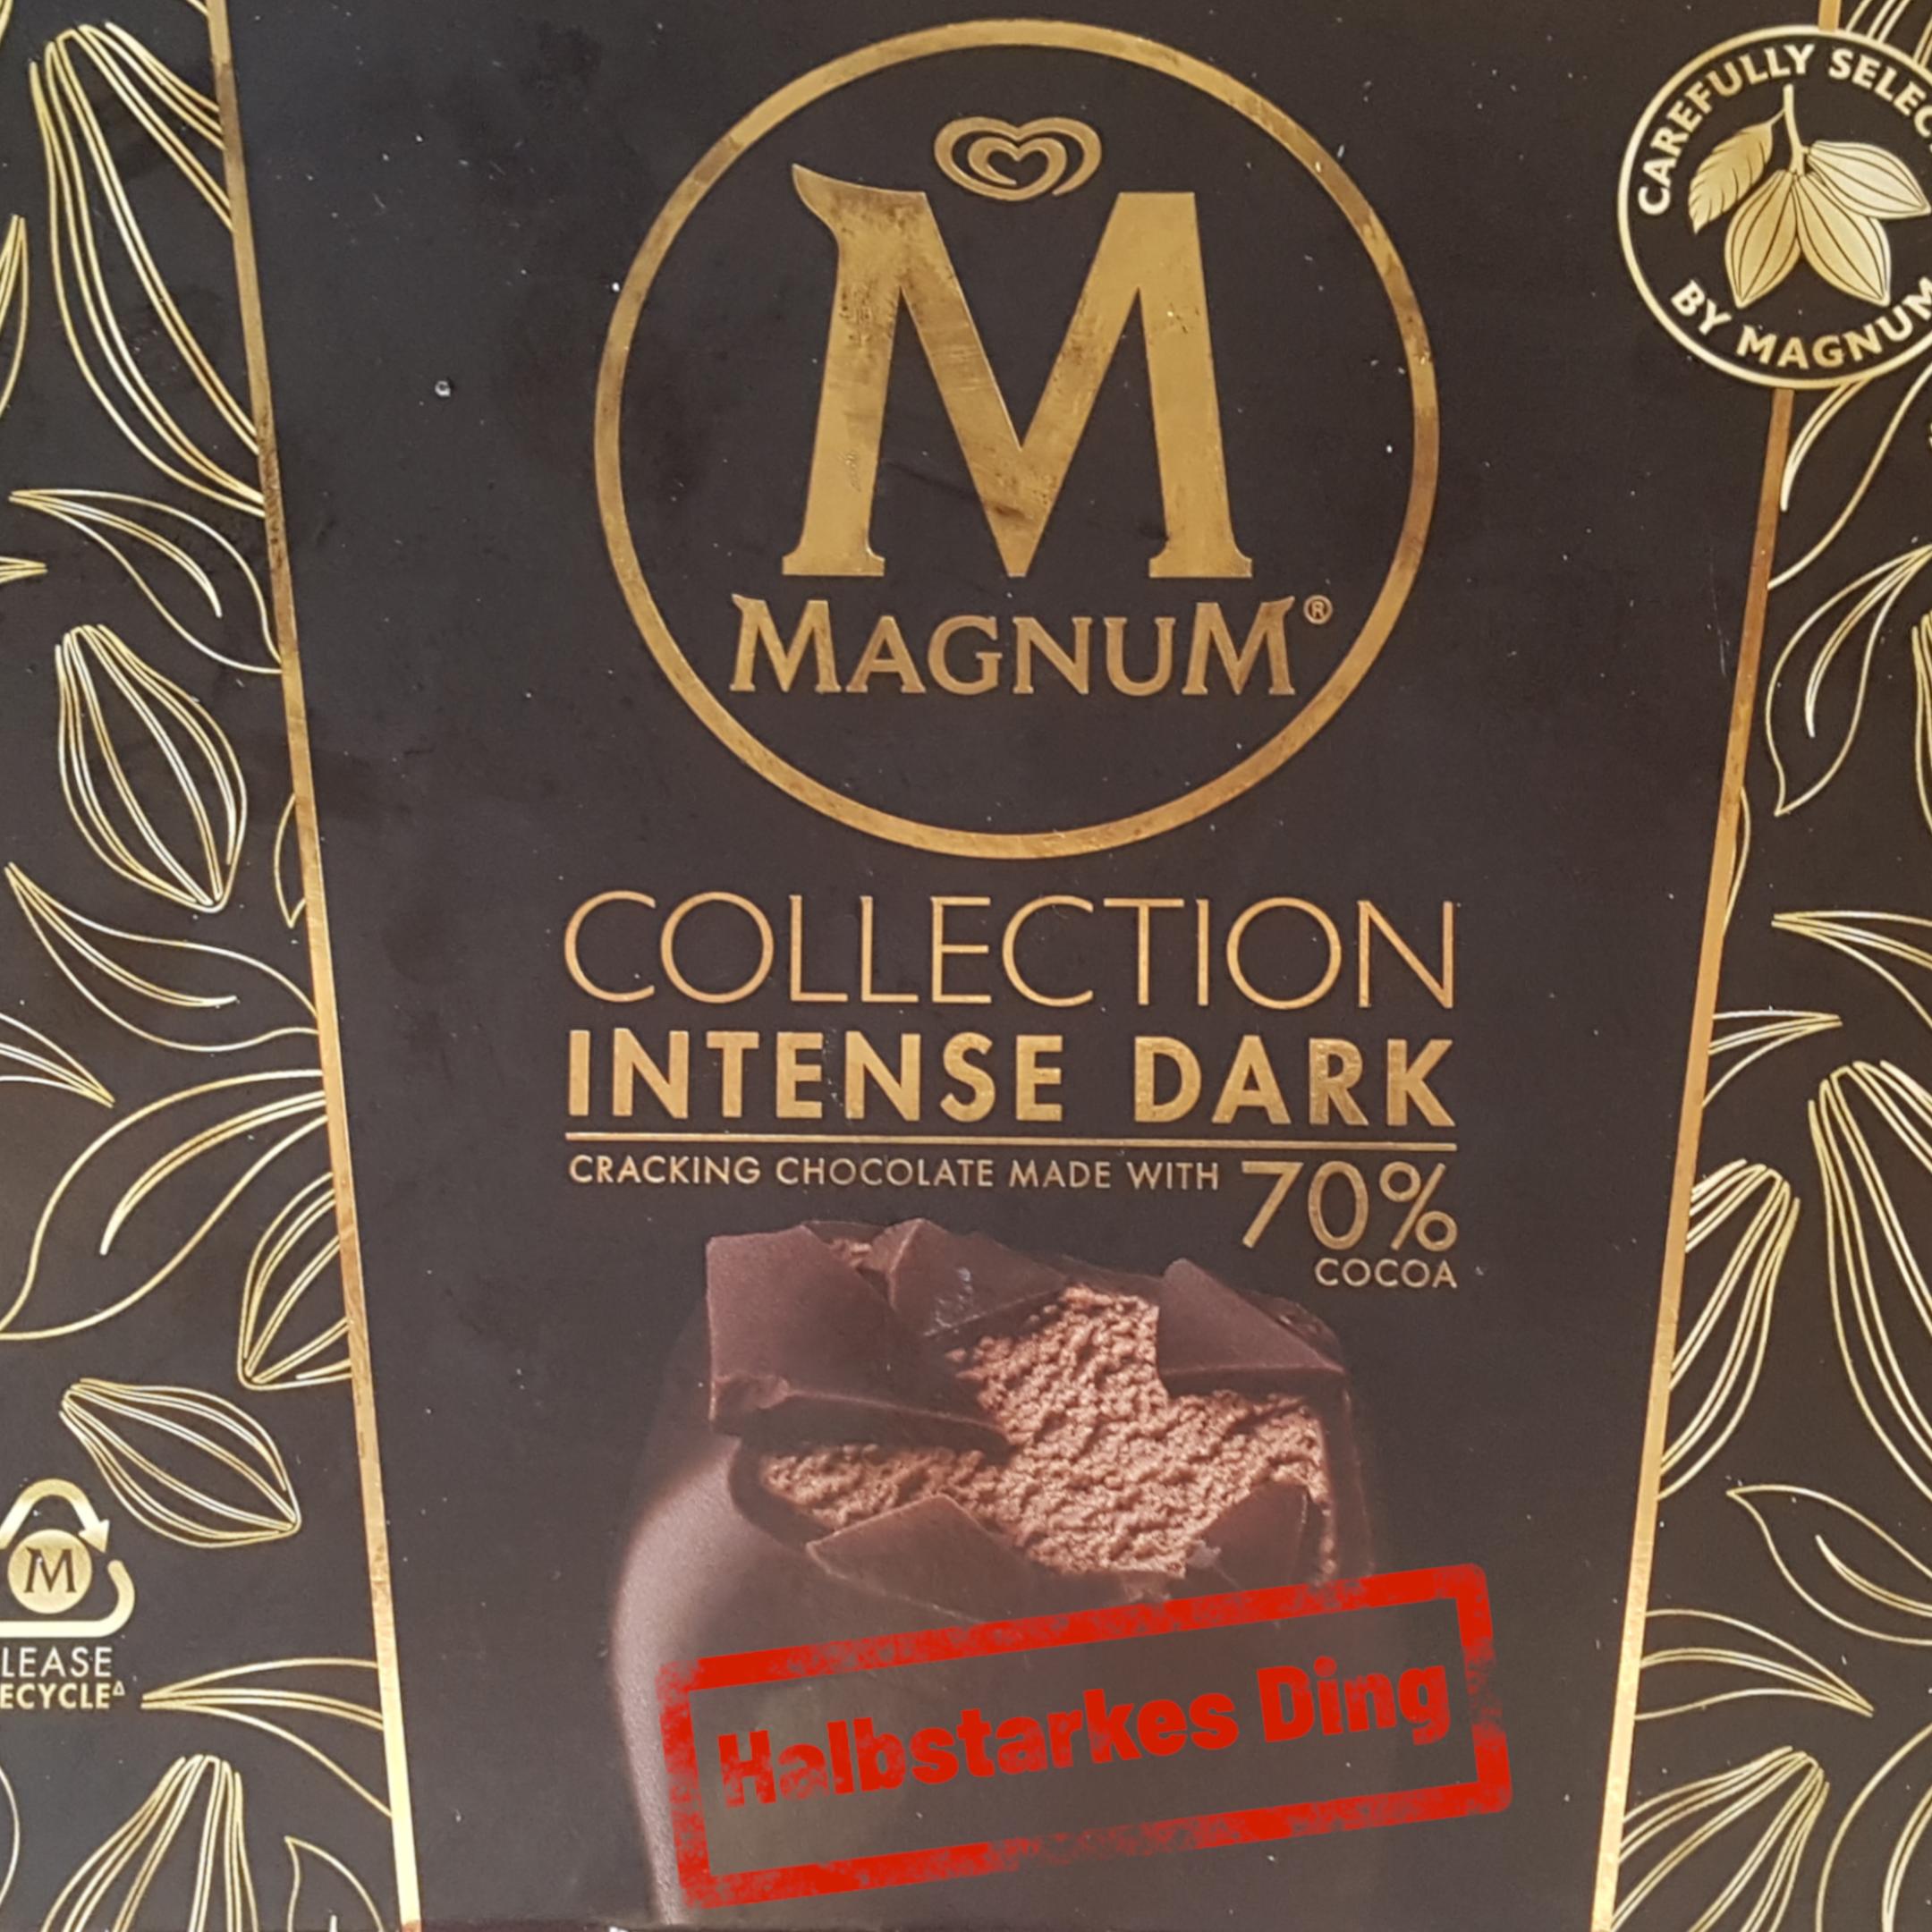 Magnum Intense Dark